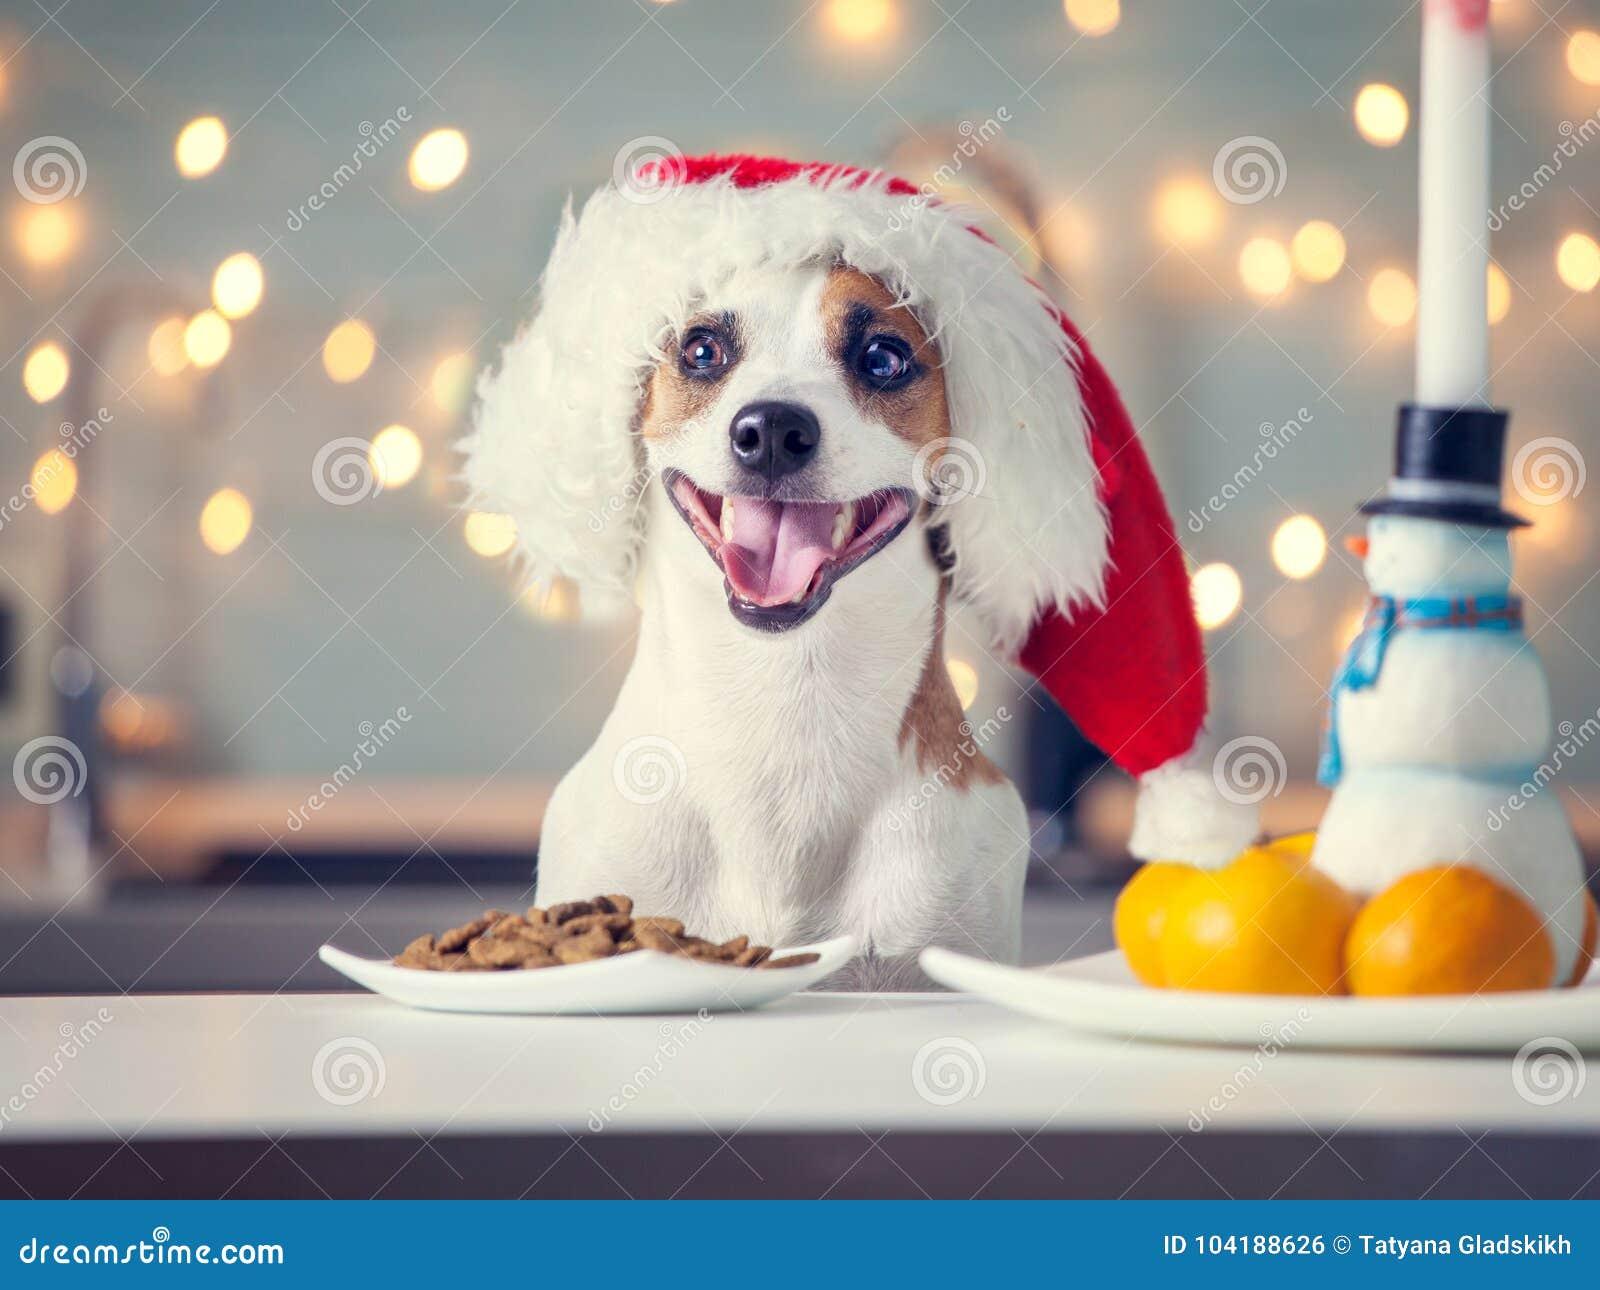 Hund im Weihnachtshut Lebensmittel essend